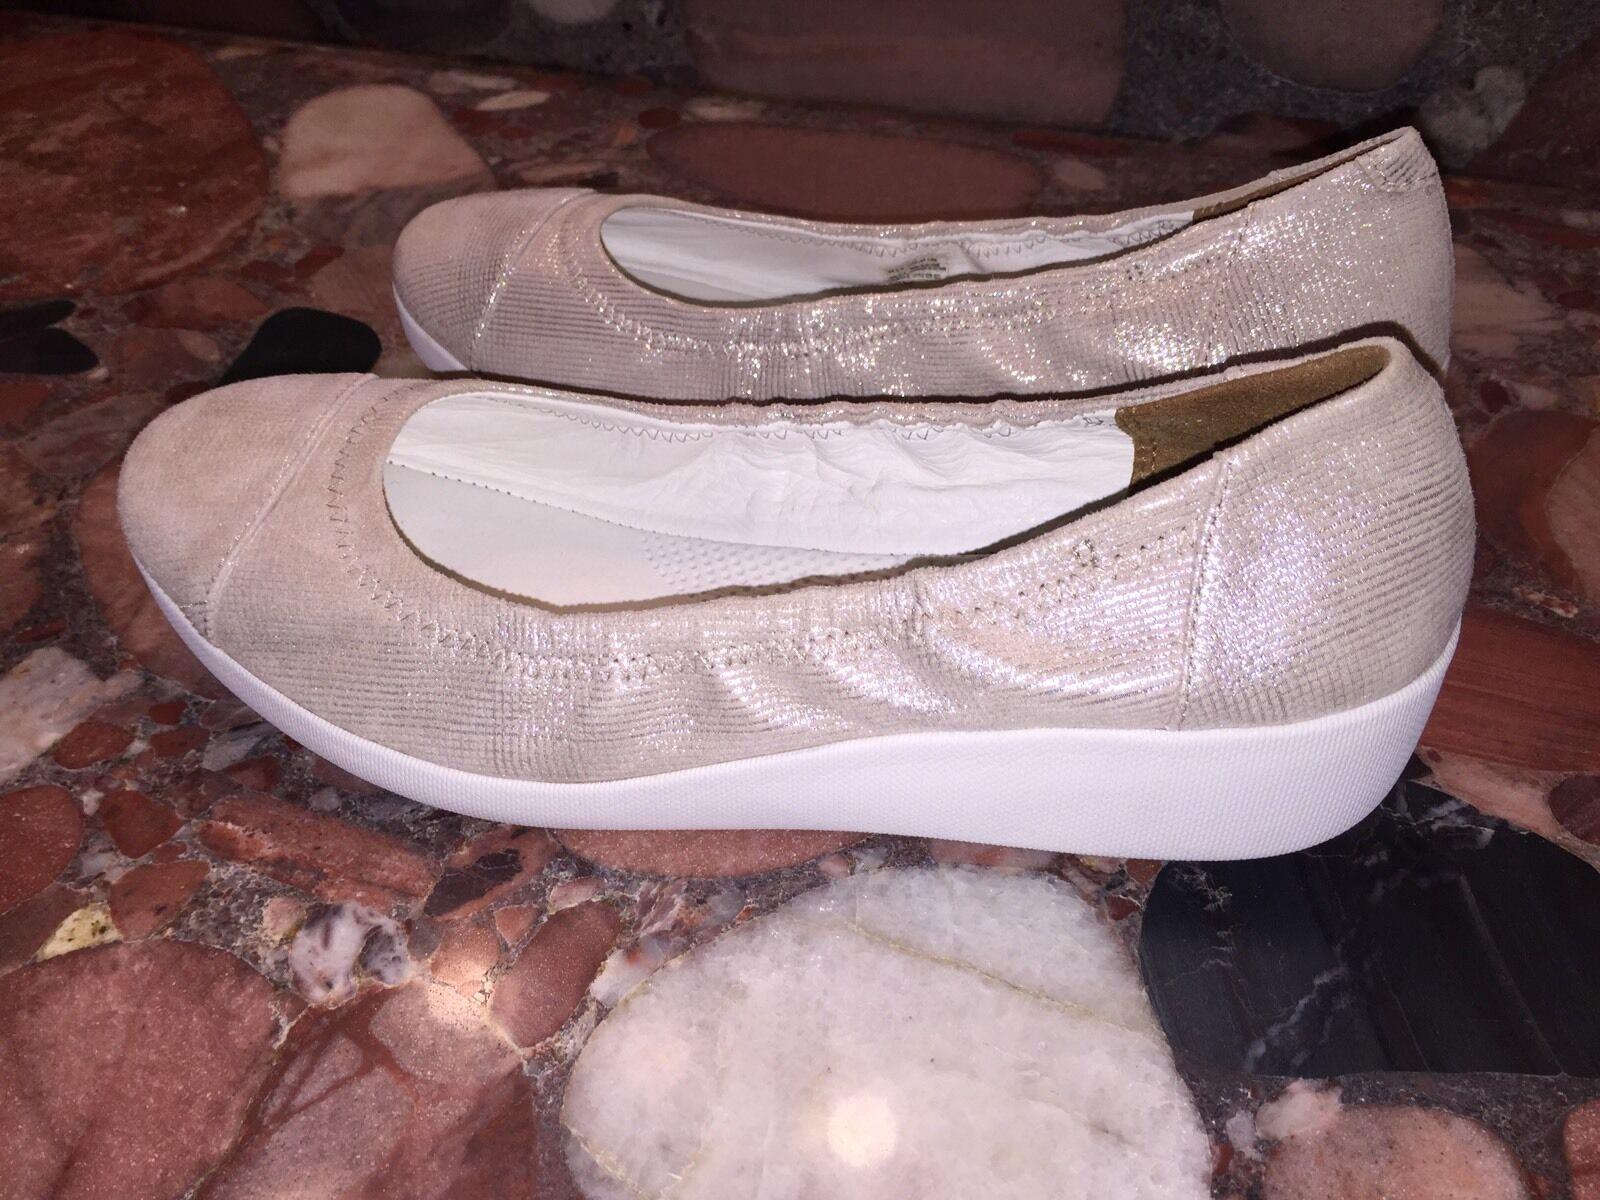 NEU 130 FitFlop Opul Shimmer F-Pop Ballerina Flats Stone Leder Schuhes Damens 10